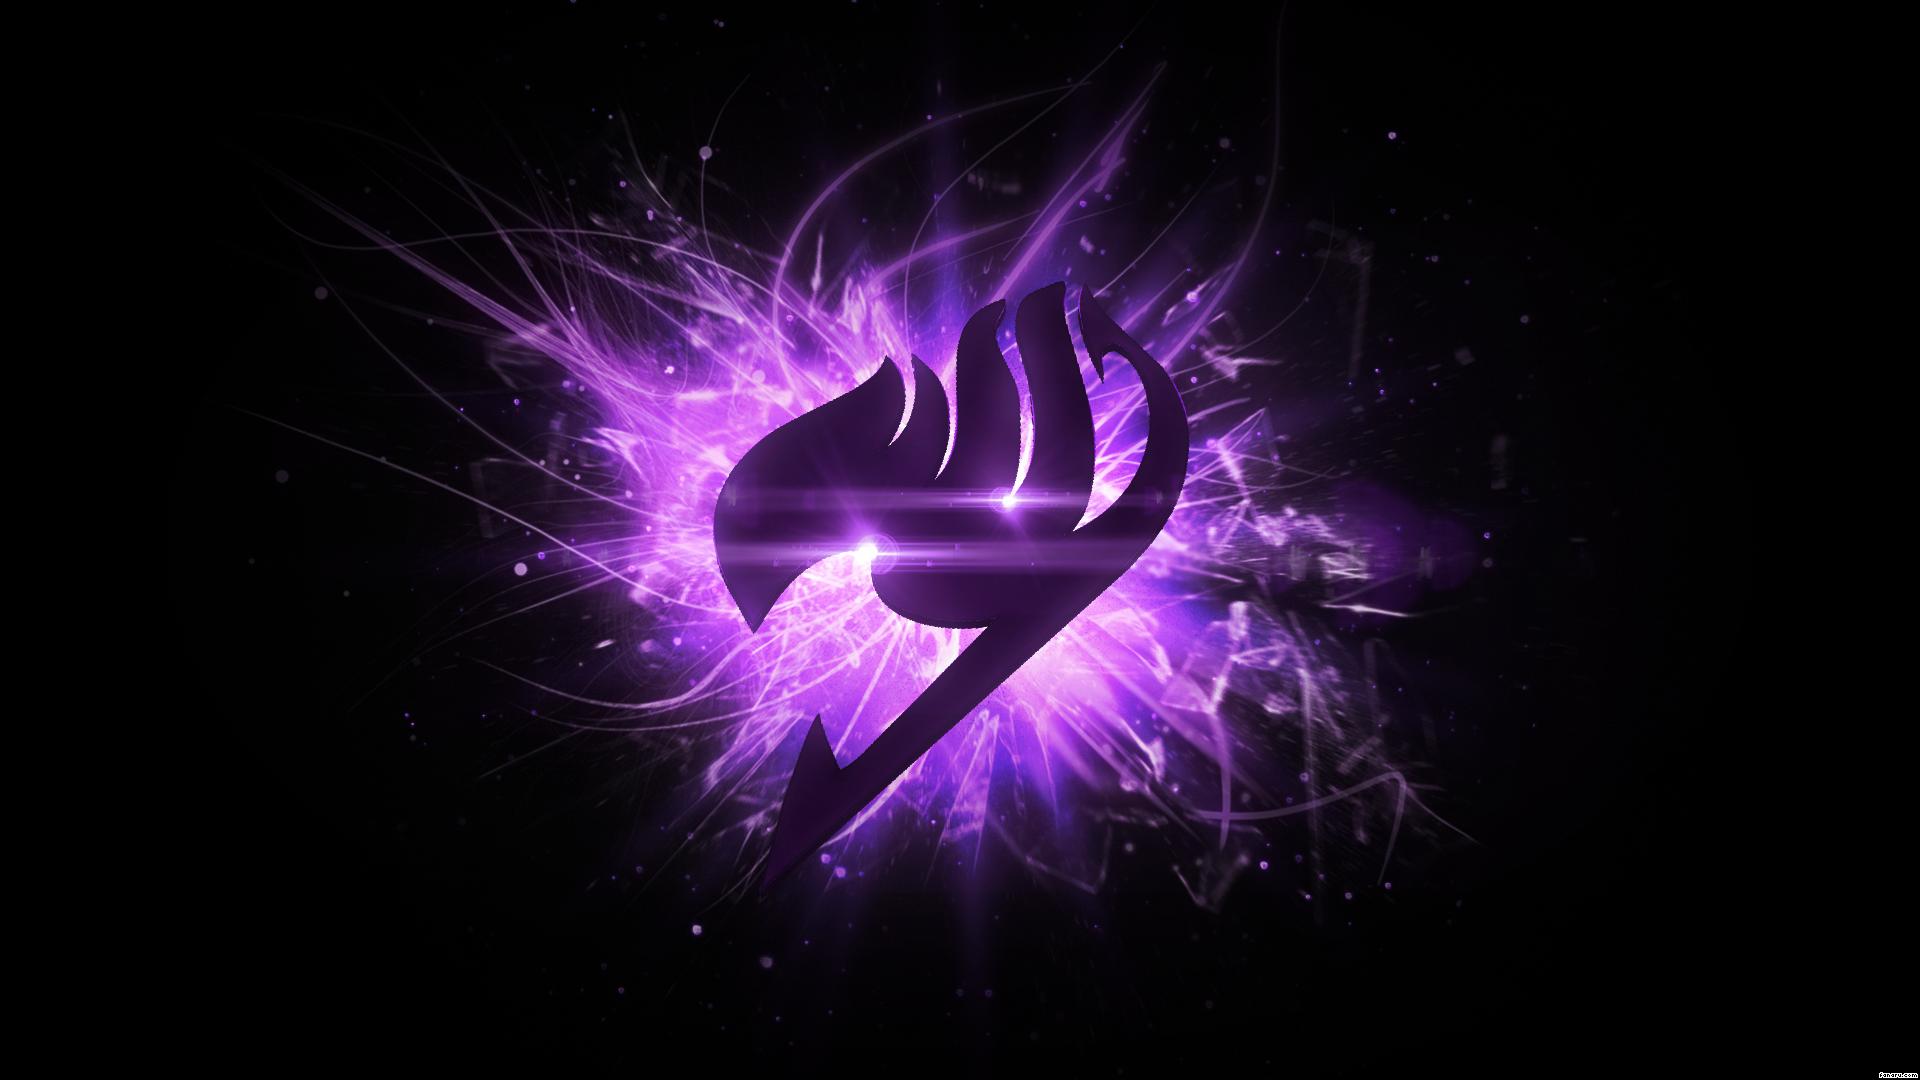 fairy tail logo,